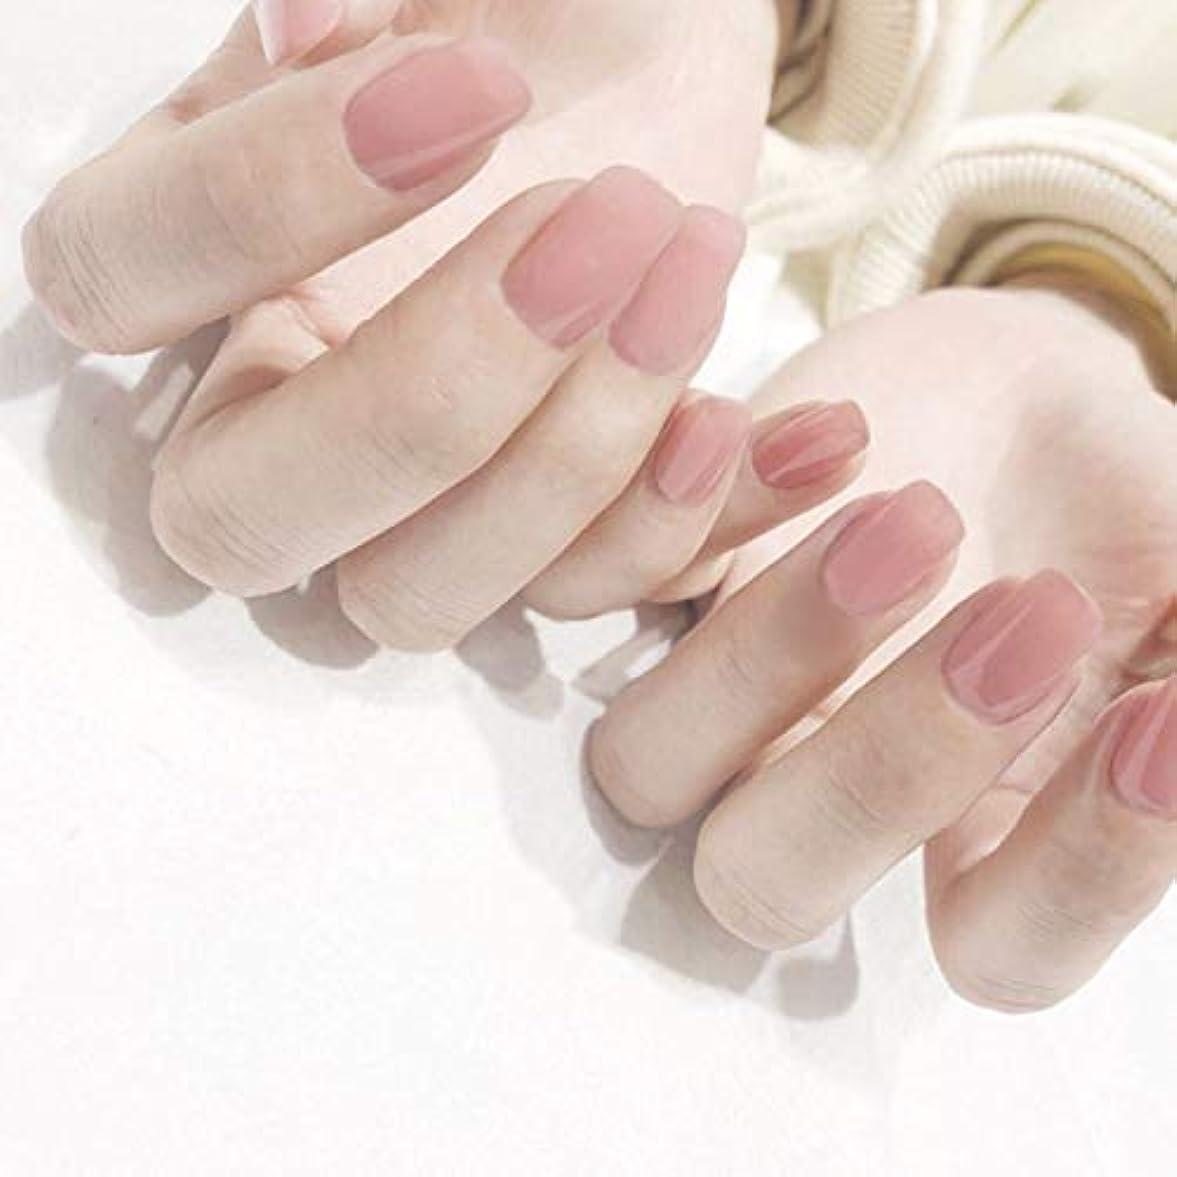 伝導花束受粉する入学式 入園式 結婚式、パーティー、二次会など 手作りネイルチップ 和装 ネイル 明るい色 エレガントな気質 無地ネイルチップ 24pcs 優雅 透明 ゼリー 短い 無地 可愛い ウェディング ブライダル (ピンク)